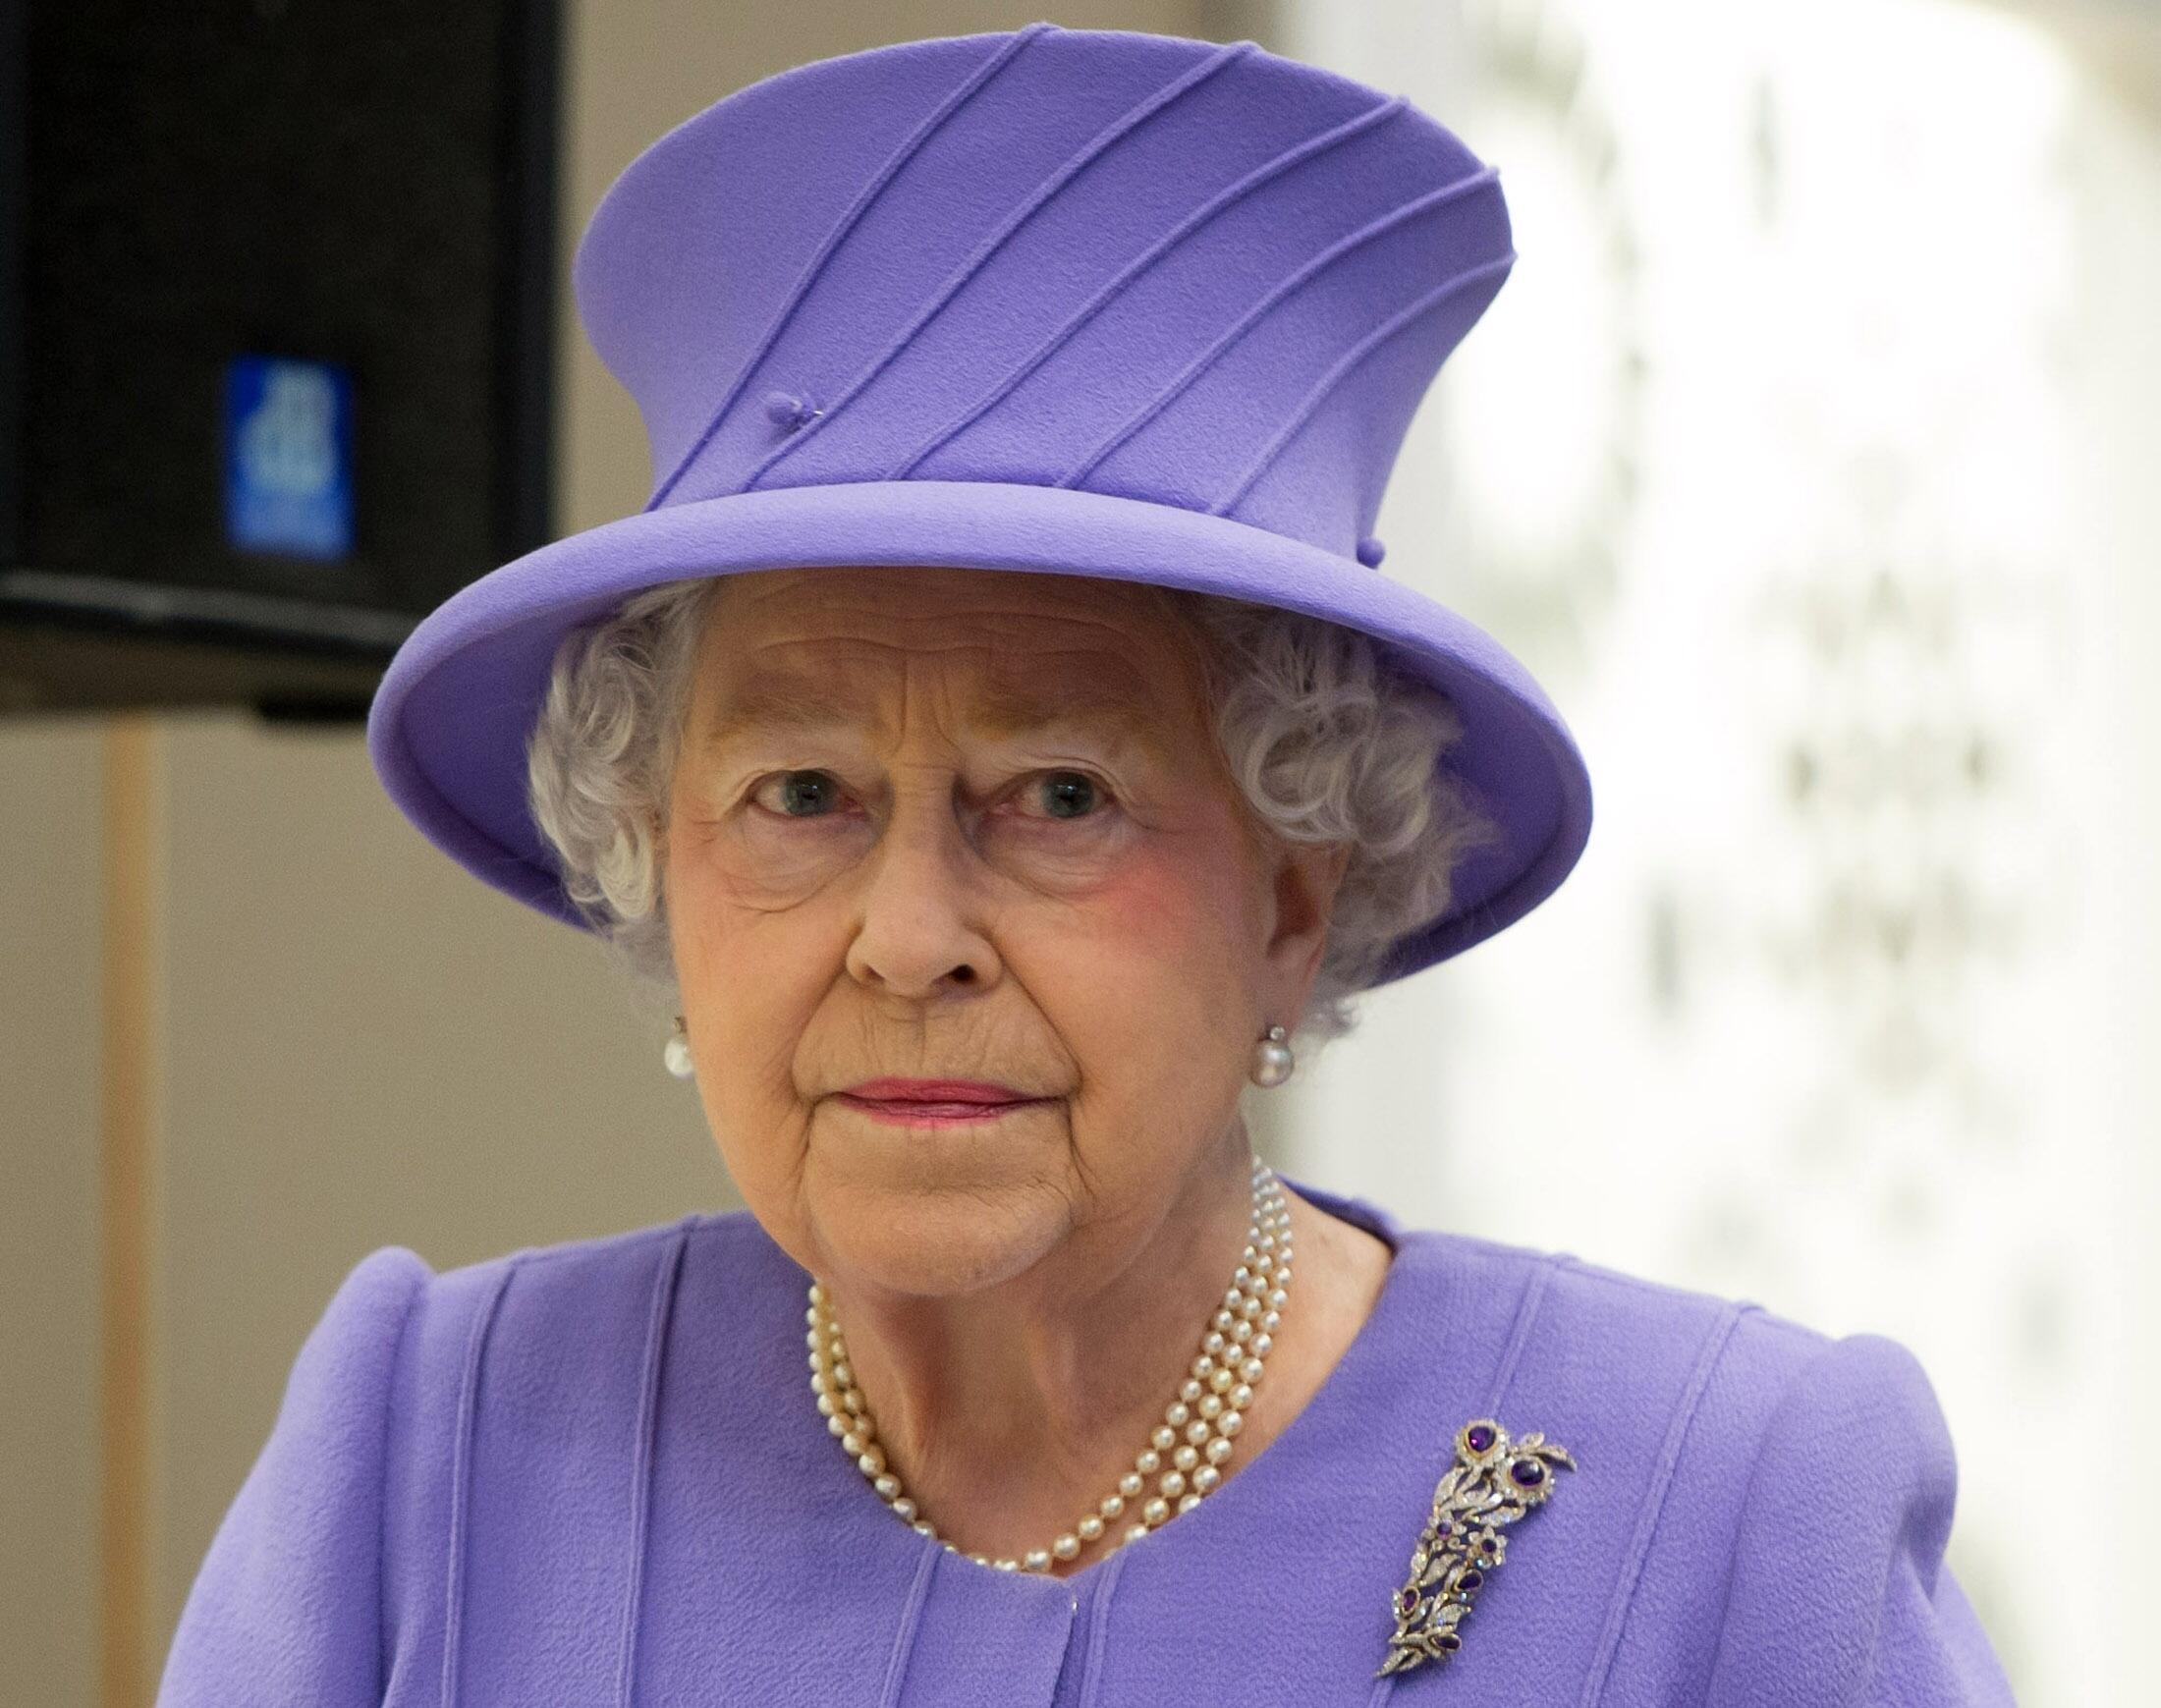 La reine d'Angleterre, Elisabeth II, présente aux commémorations de ce 06 juin 2014.